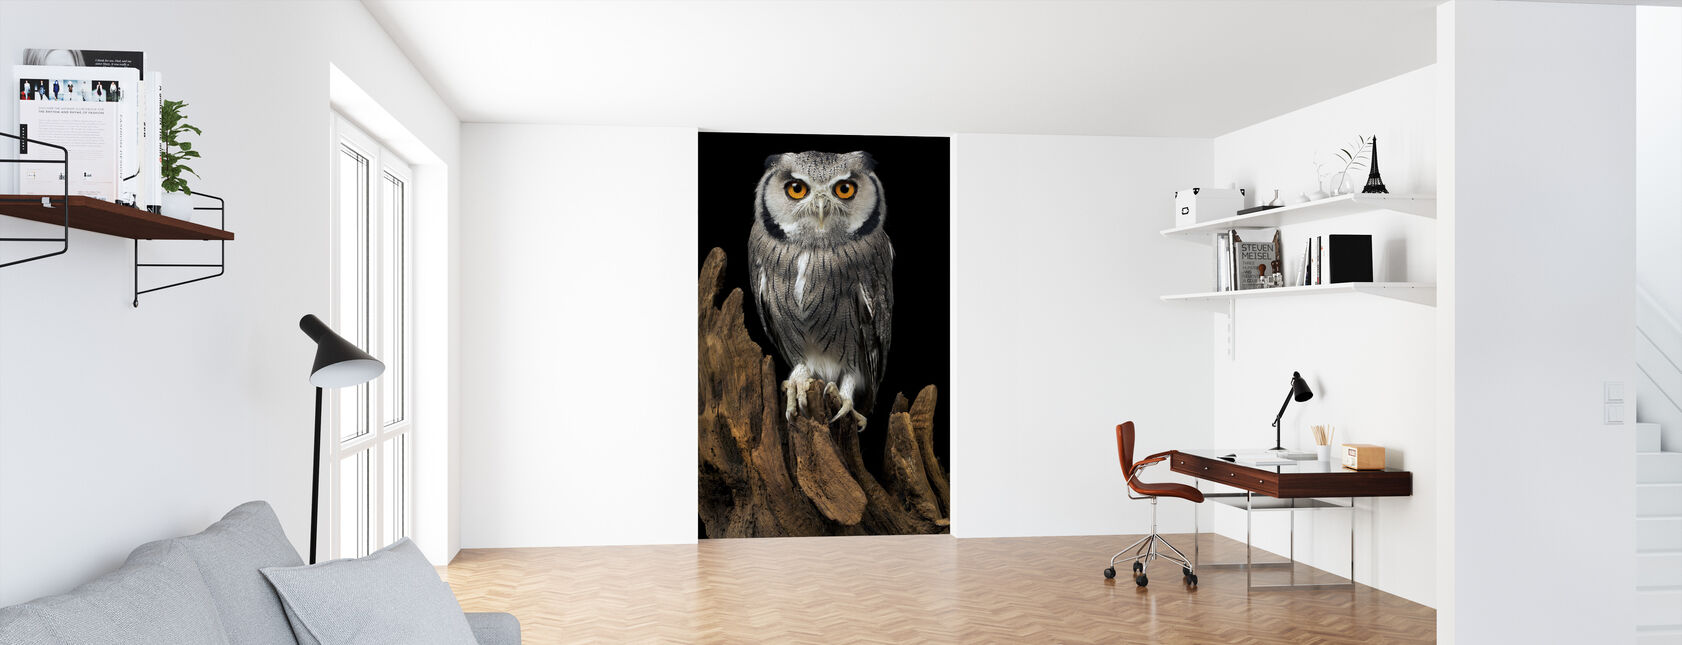 White Faced Owl - Wallpaper - Office